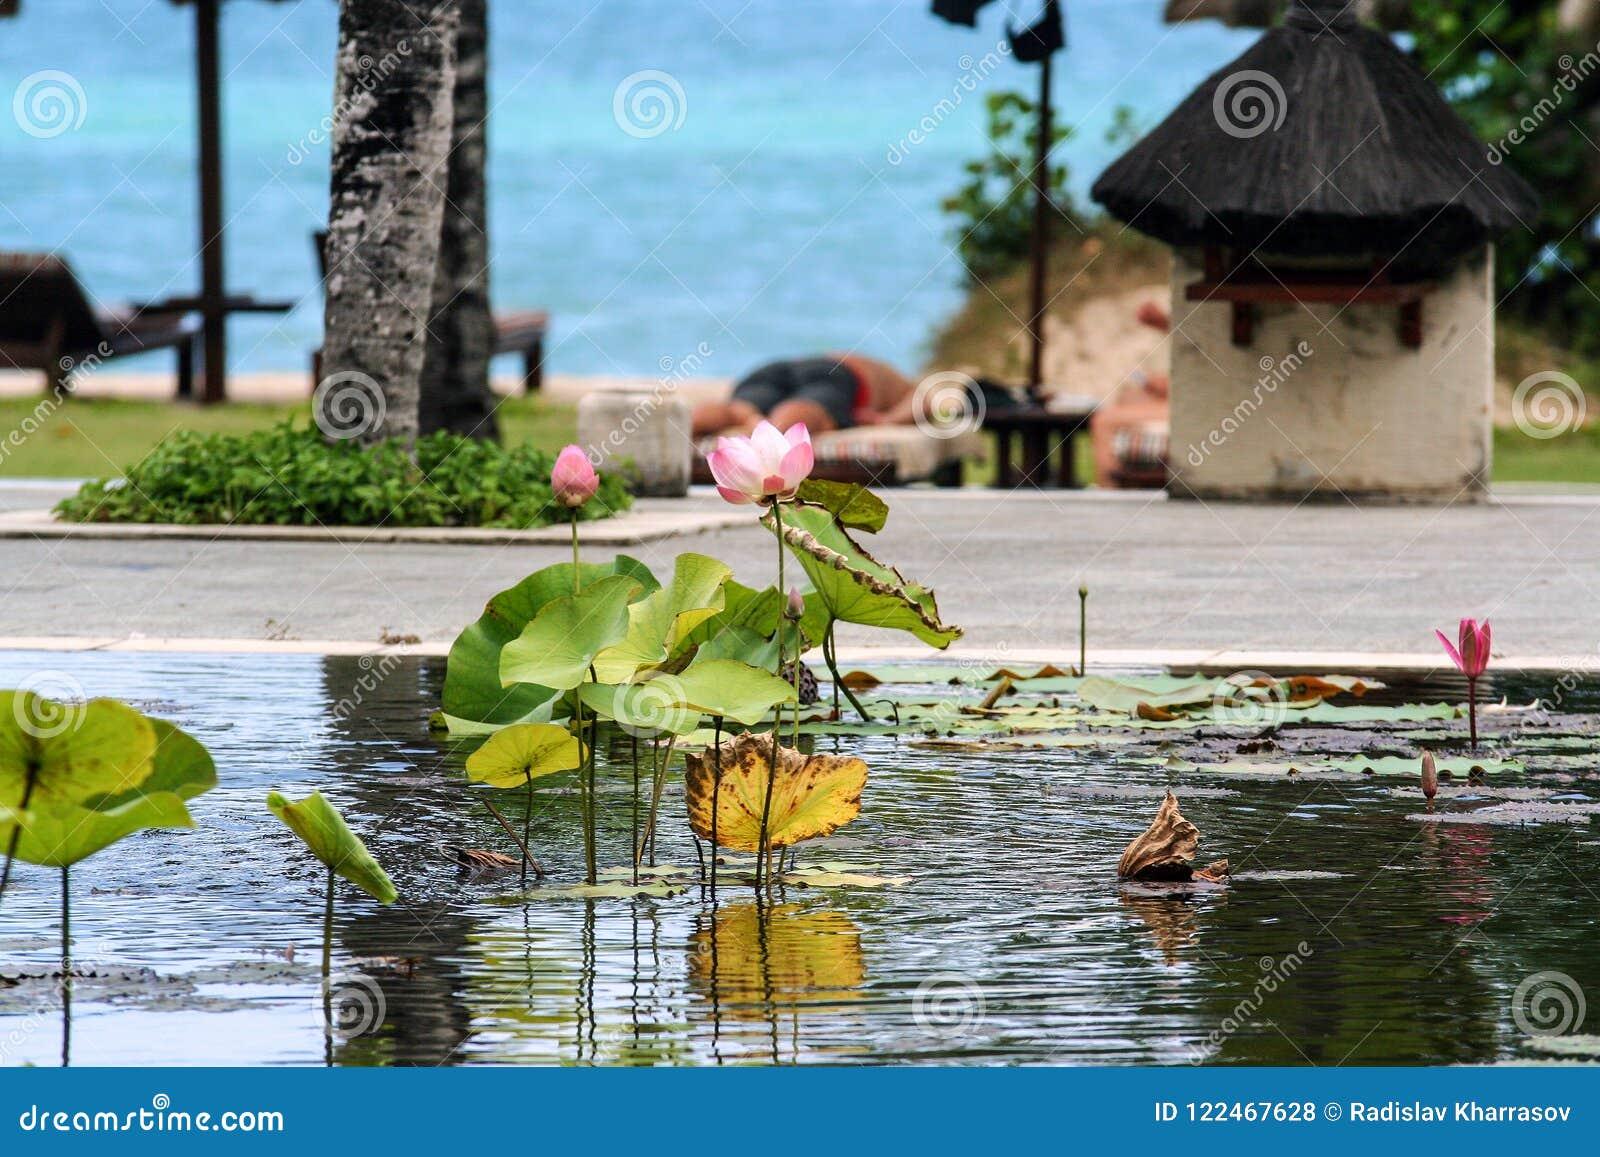 Basen z lelujami i drzewkami palmowymi wokoło mnie Seascape Indonezja